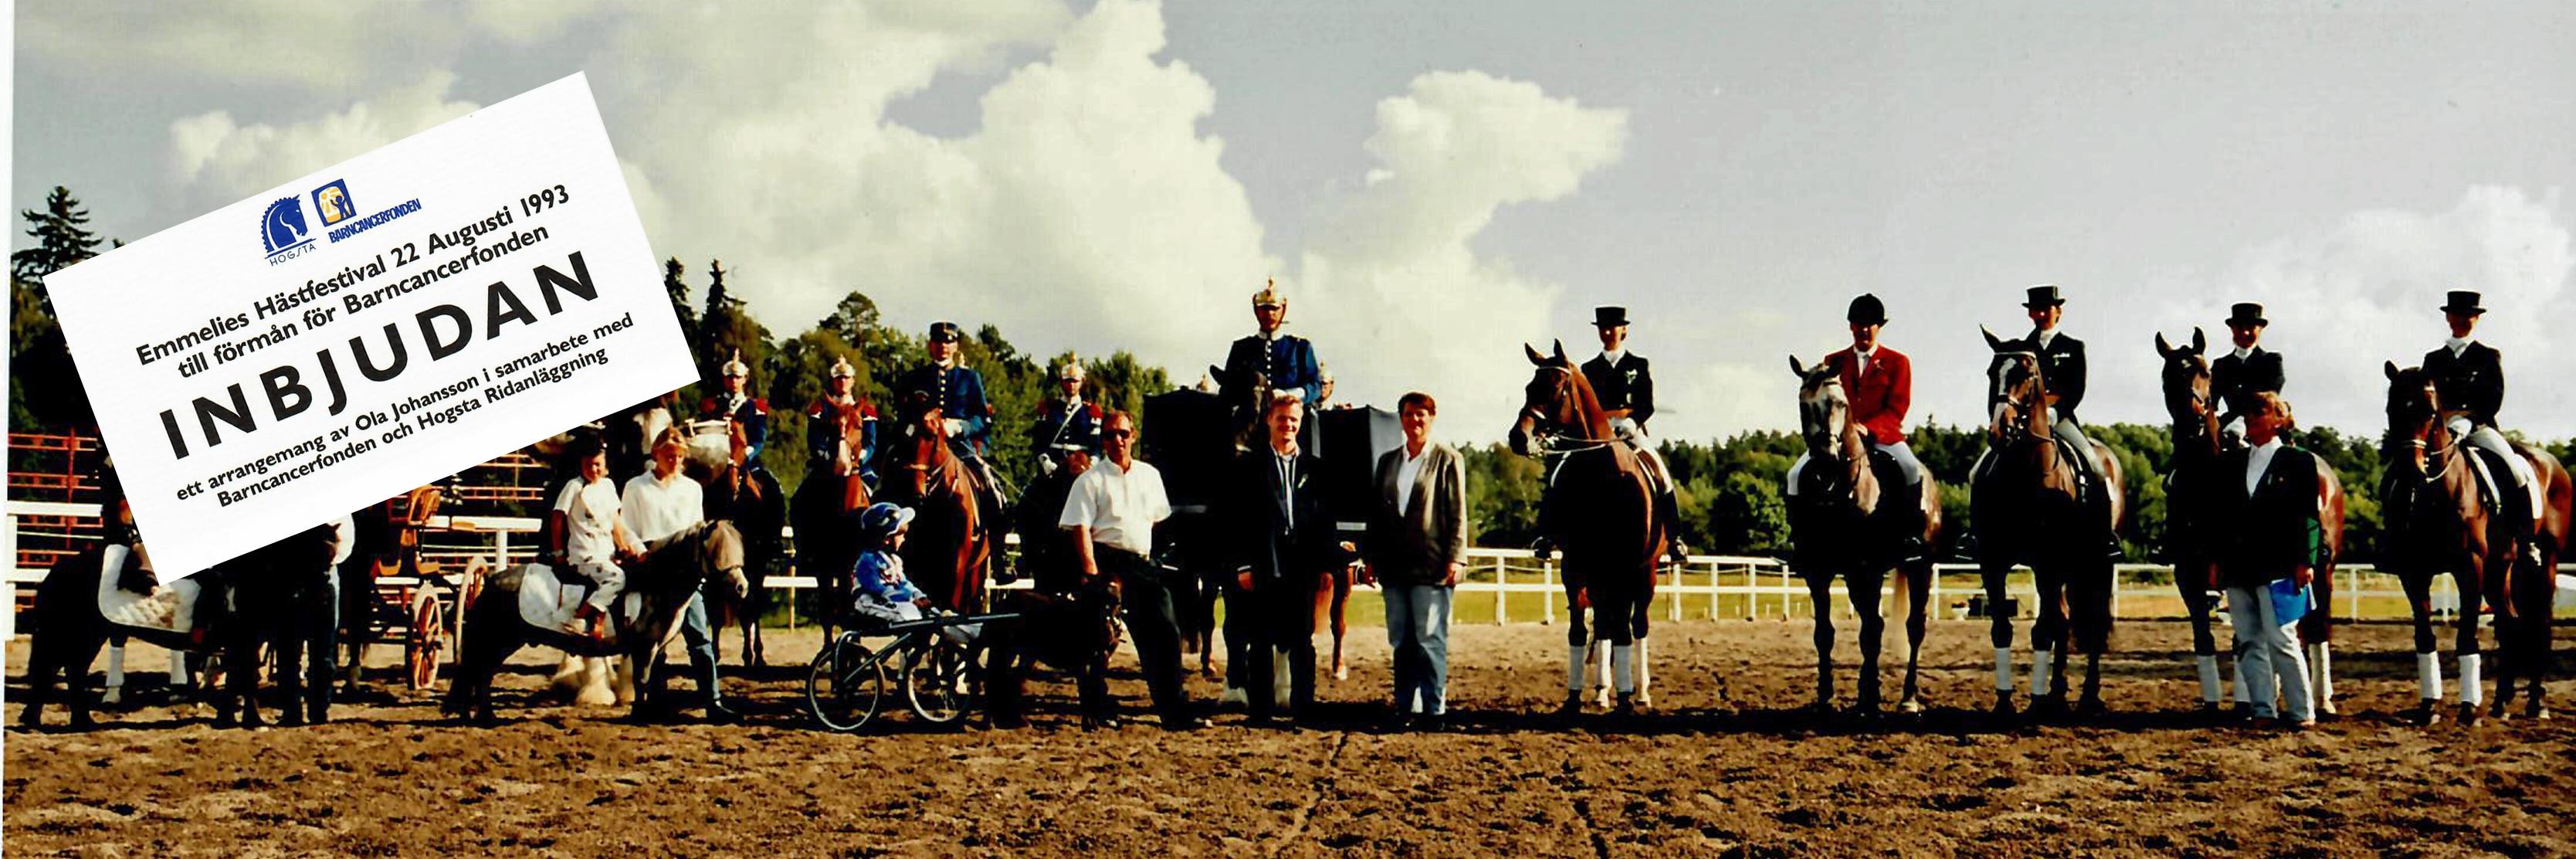 Emmelies Hästfestival - en festival för livet